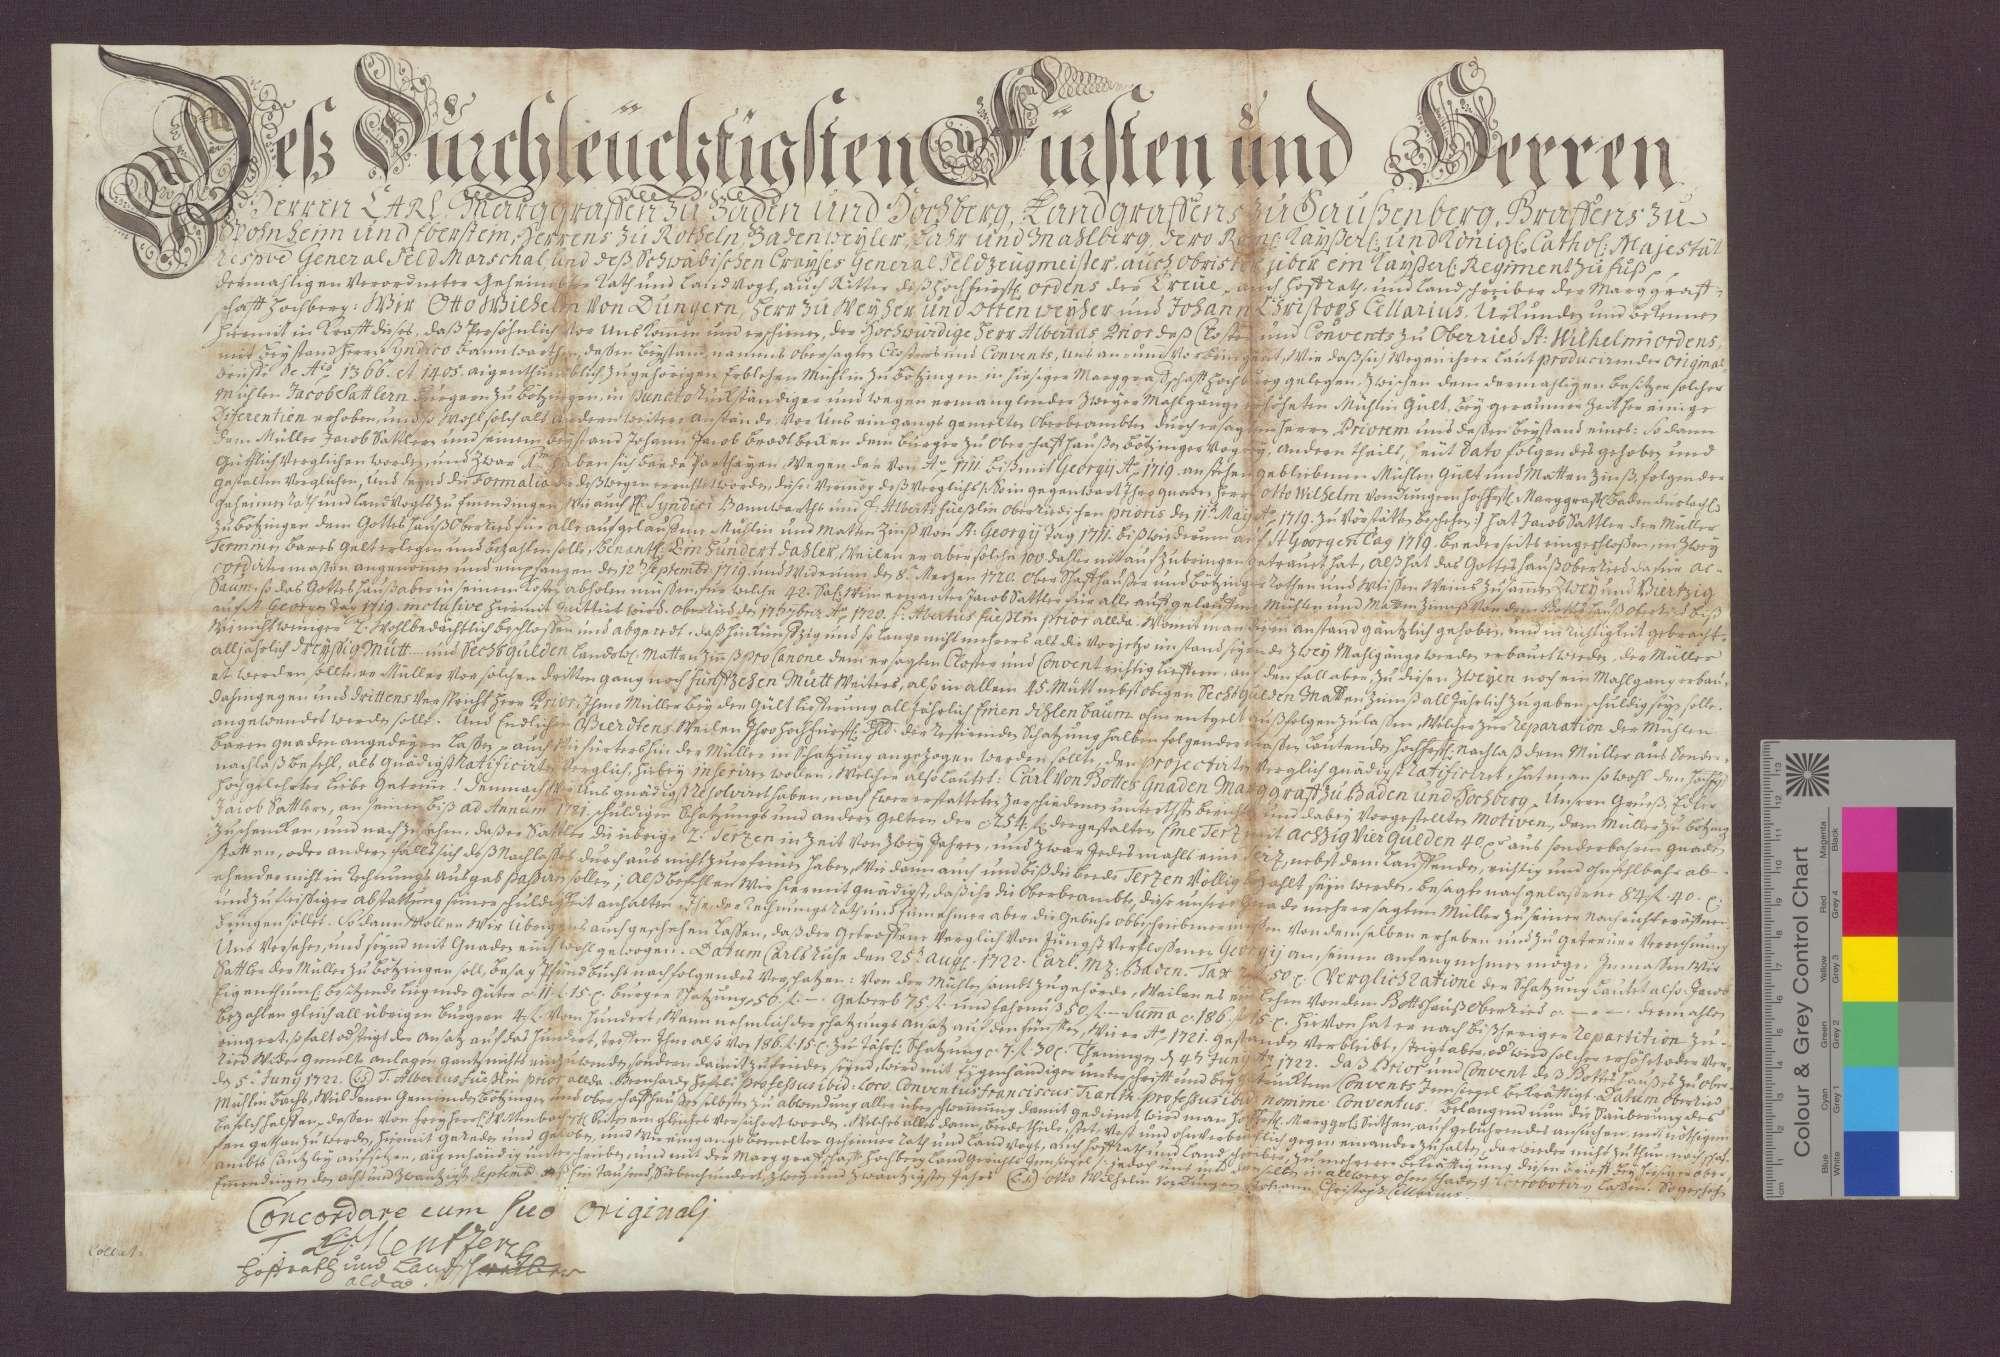 Das Kloster Oberried vergleicht sich mit Jakob Sattler, seinem Müller auf der Bötzinger Mühle, dahingehend, dass 1) die von 1711-1719 auf 100 Taler angewachsenen Gültrückstände mit 42 Saum Oberschaffhauser und Bötzinger Rot- und Weißwein abgetragen werden; 2) werden die Abgaben von zwei bzw. drei Mahlgängen festgelegt; 3) zur Reparatur letzterer erhält der Müller jährlich einen Dielenbaum; 4) der Steuernachlass wird vom Oberamt erneuert., Bild 1